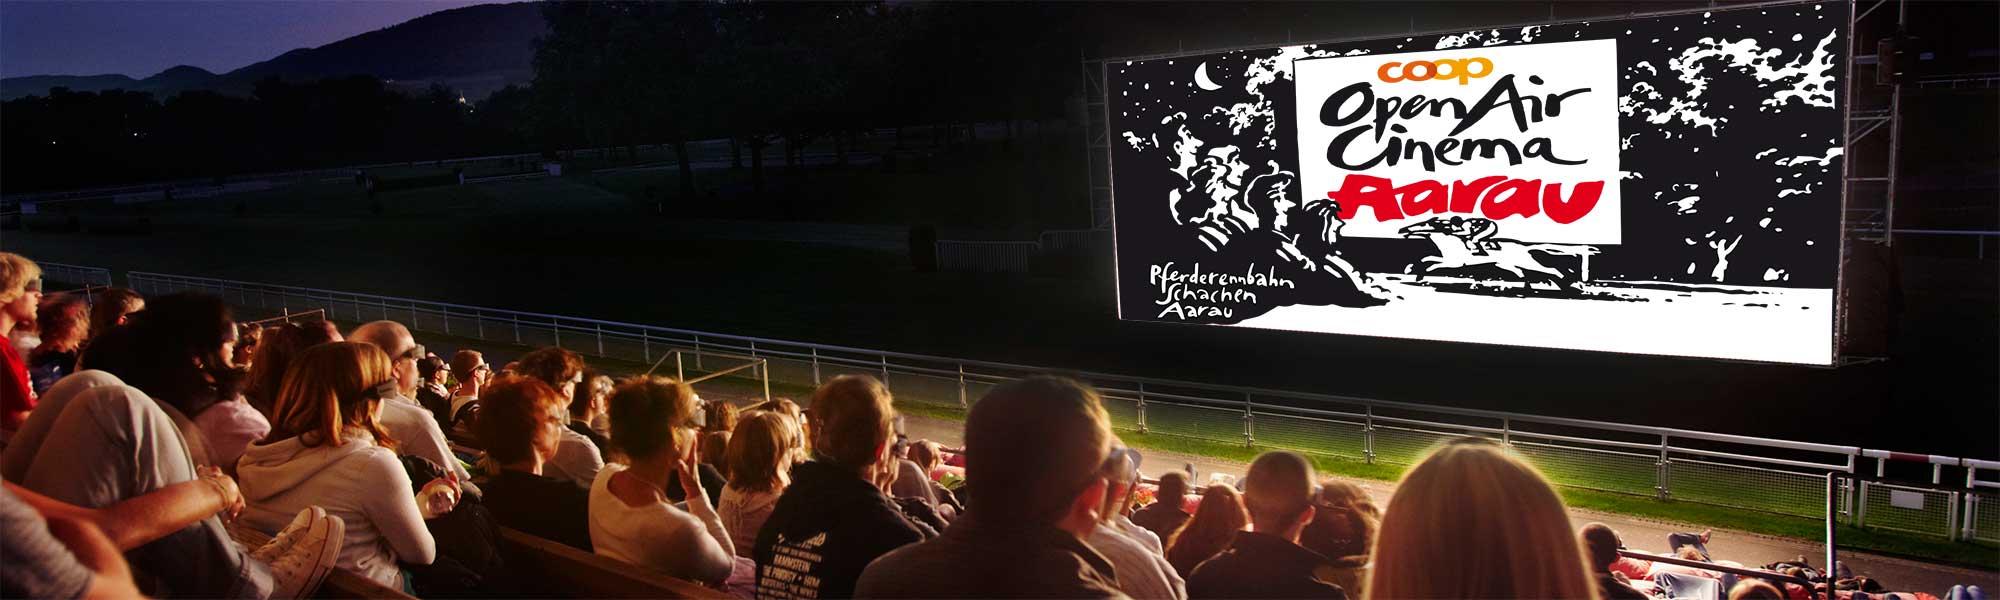 open air kino aschaffenburg programm